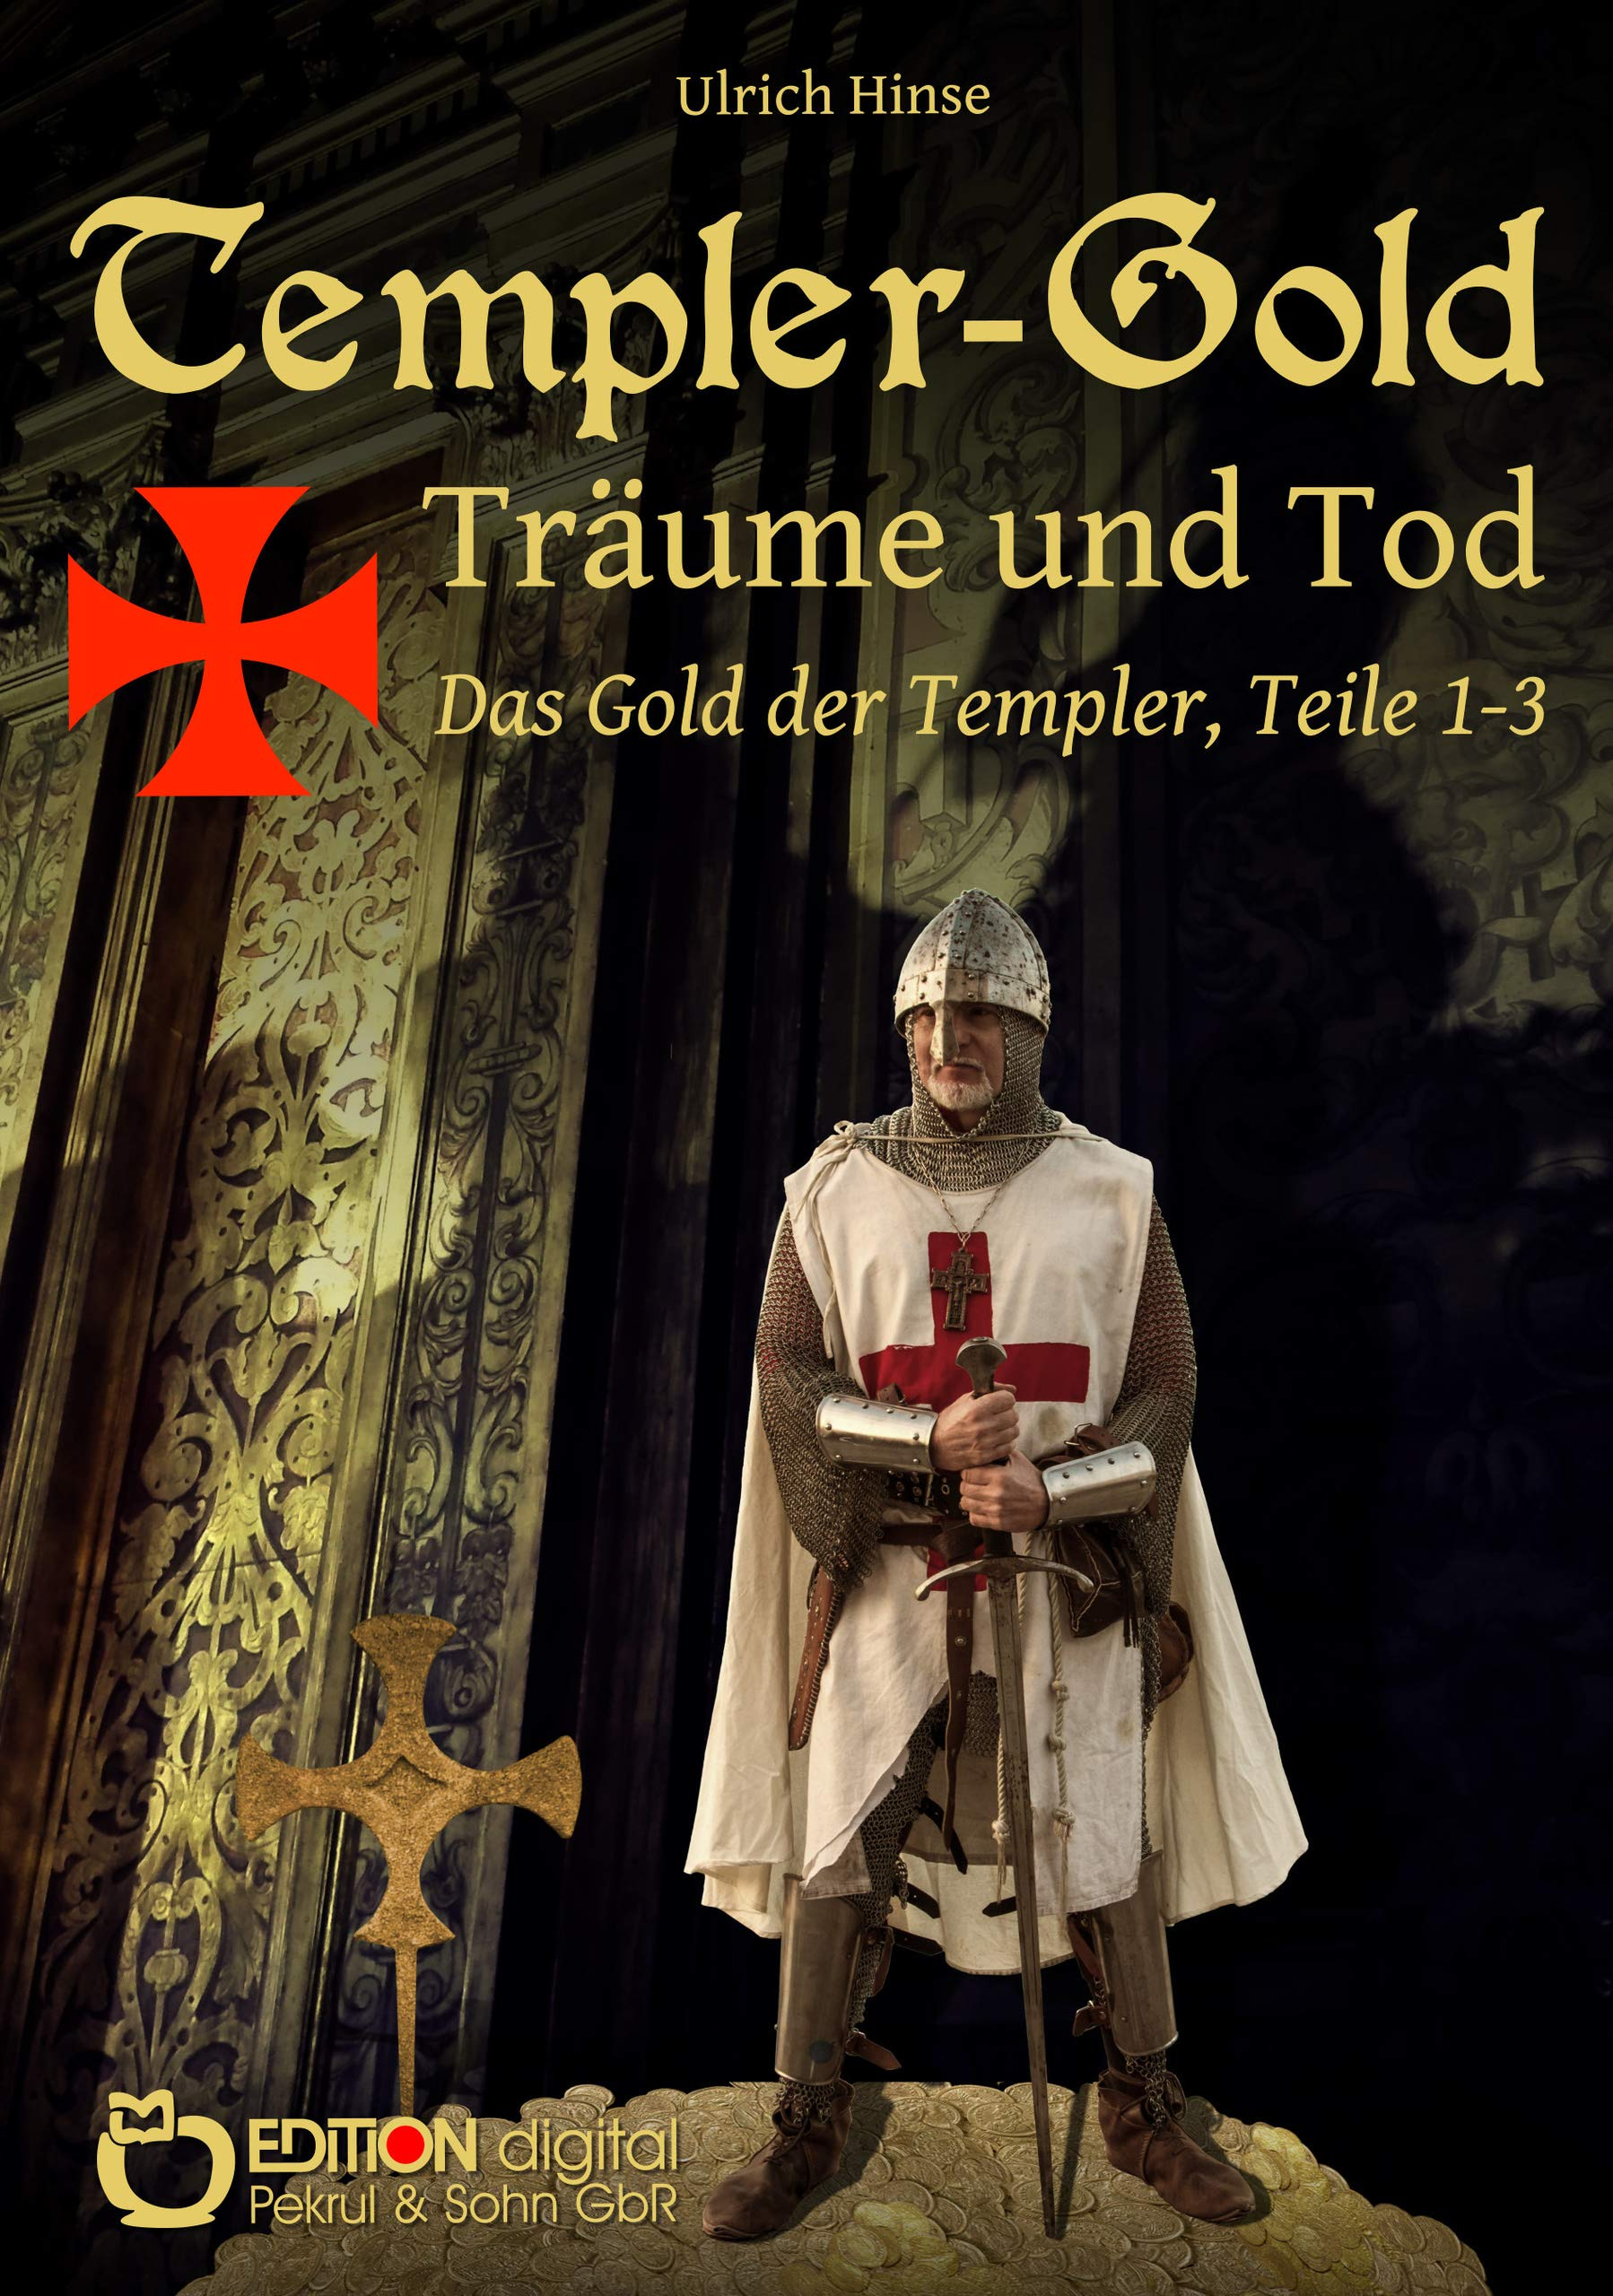 Templer Gold. Träume Und Tod  Das Gold Der Templer Teile 1 3